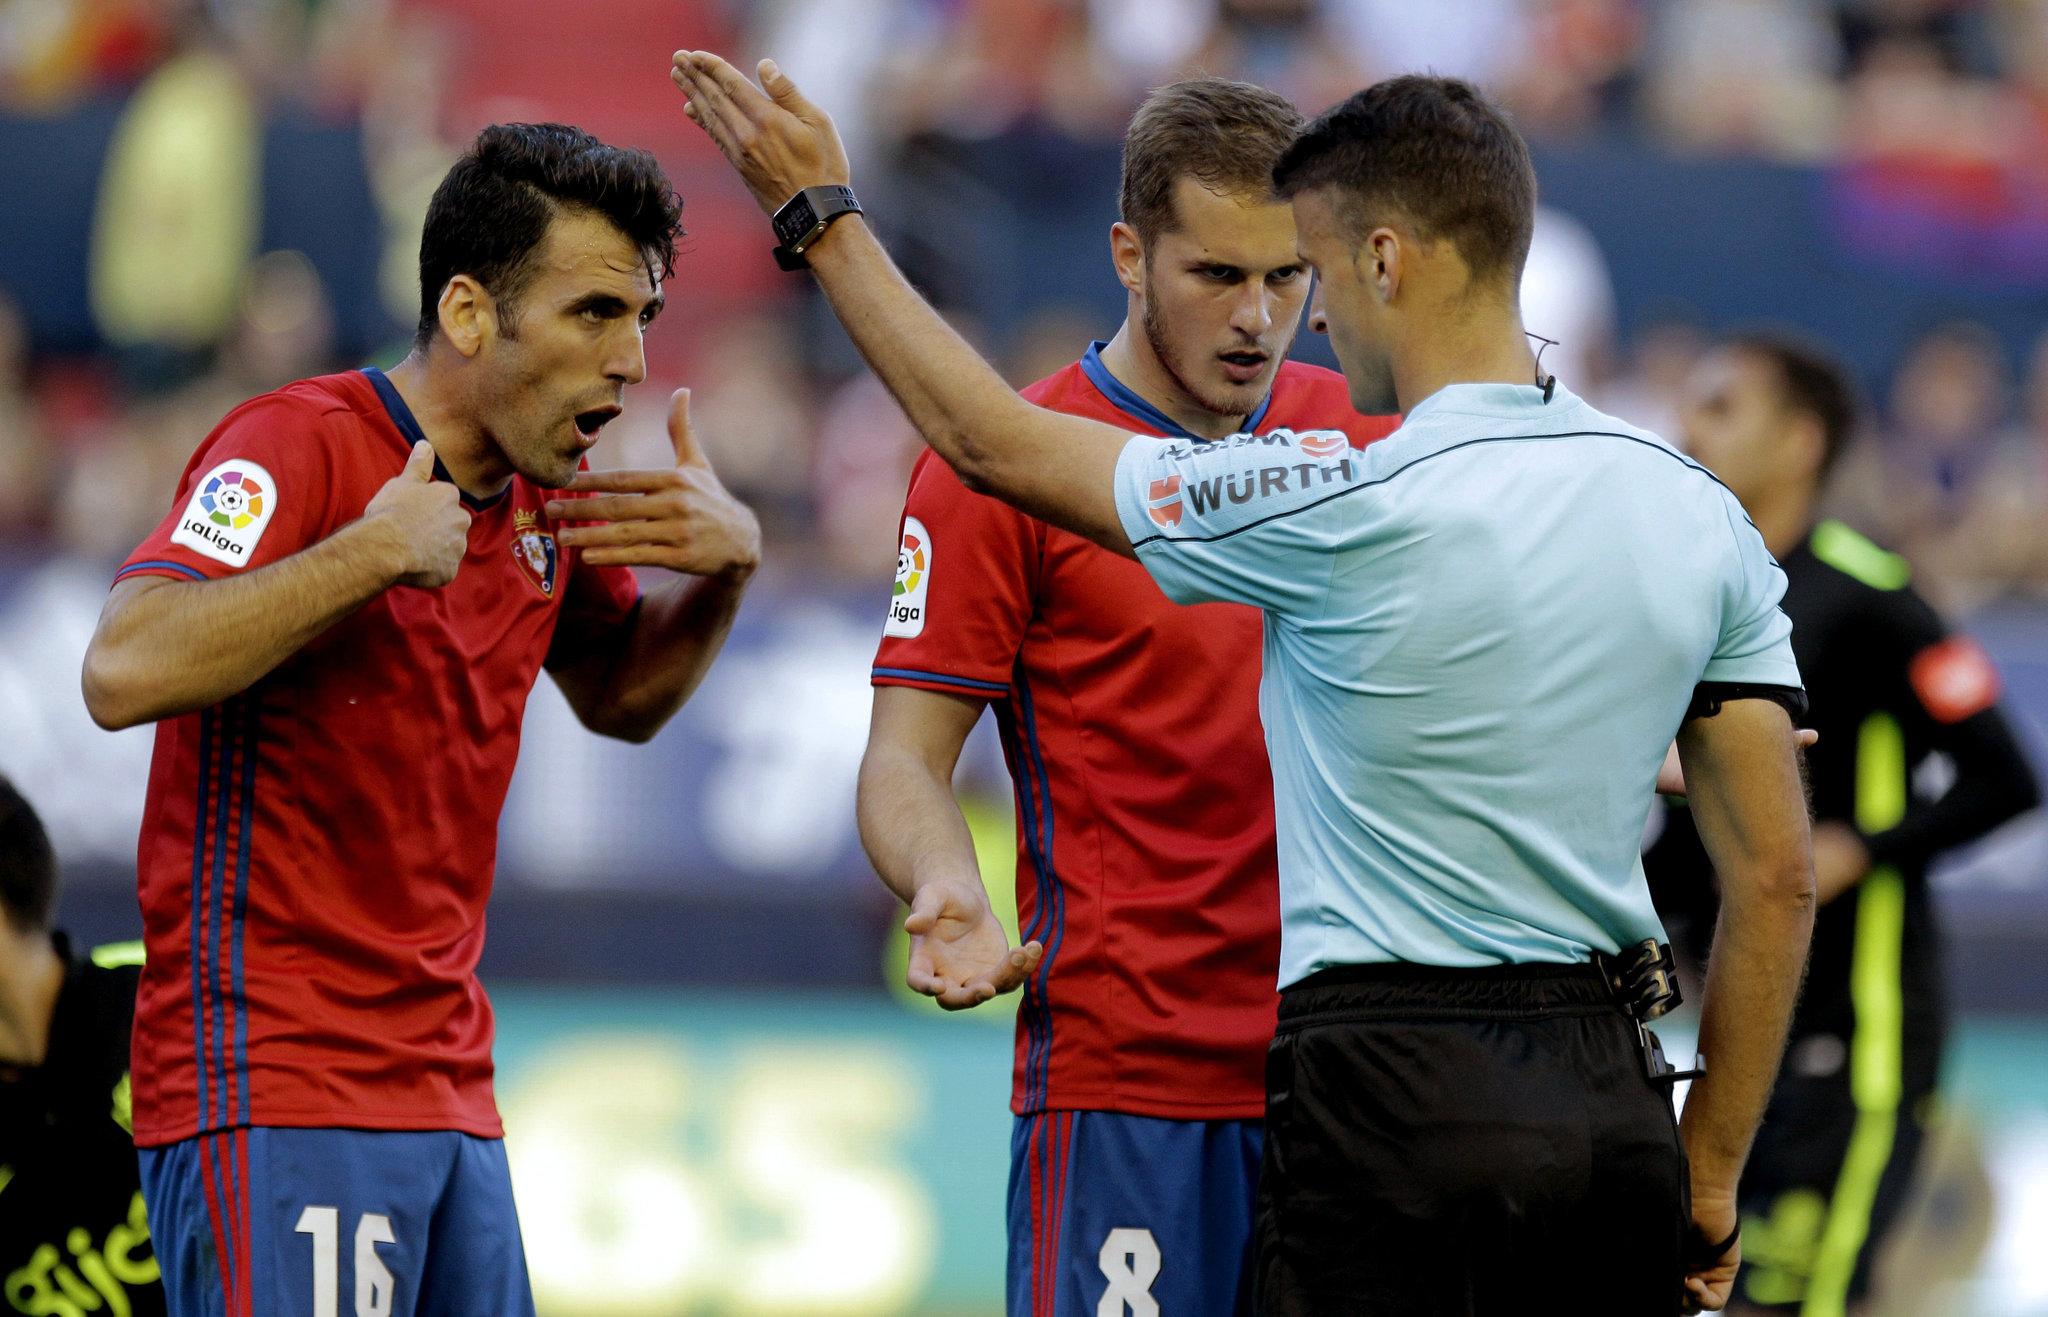 Fuentes y Causic, protestan una decisión arbitral durante el partido contra el Sporting.